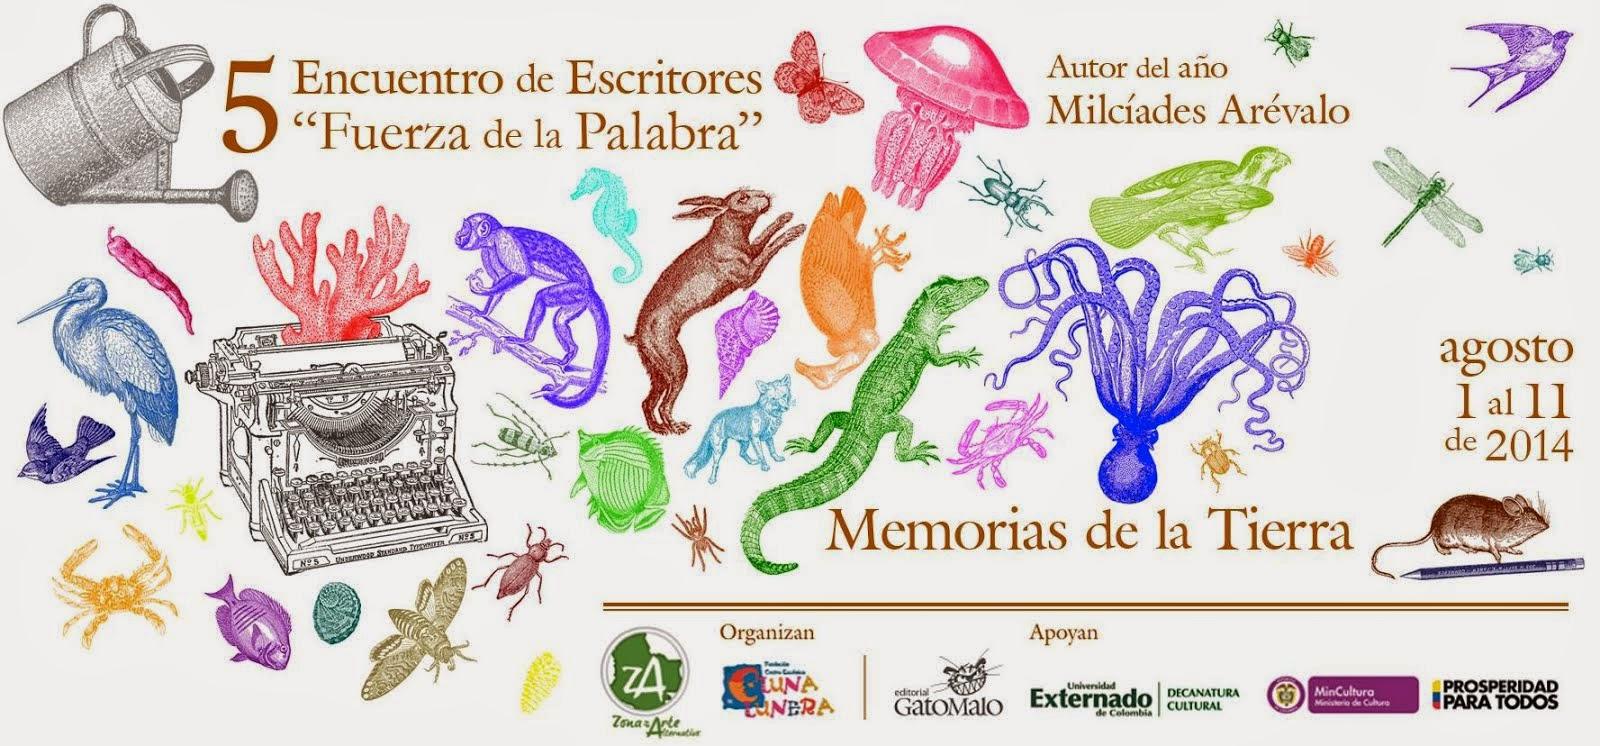 """5to Encuentro de Escritores """"Fuerza de la Palabra"""" Memorias de la Tierra"""